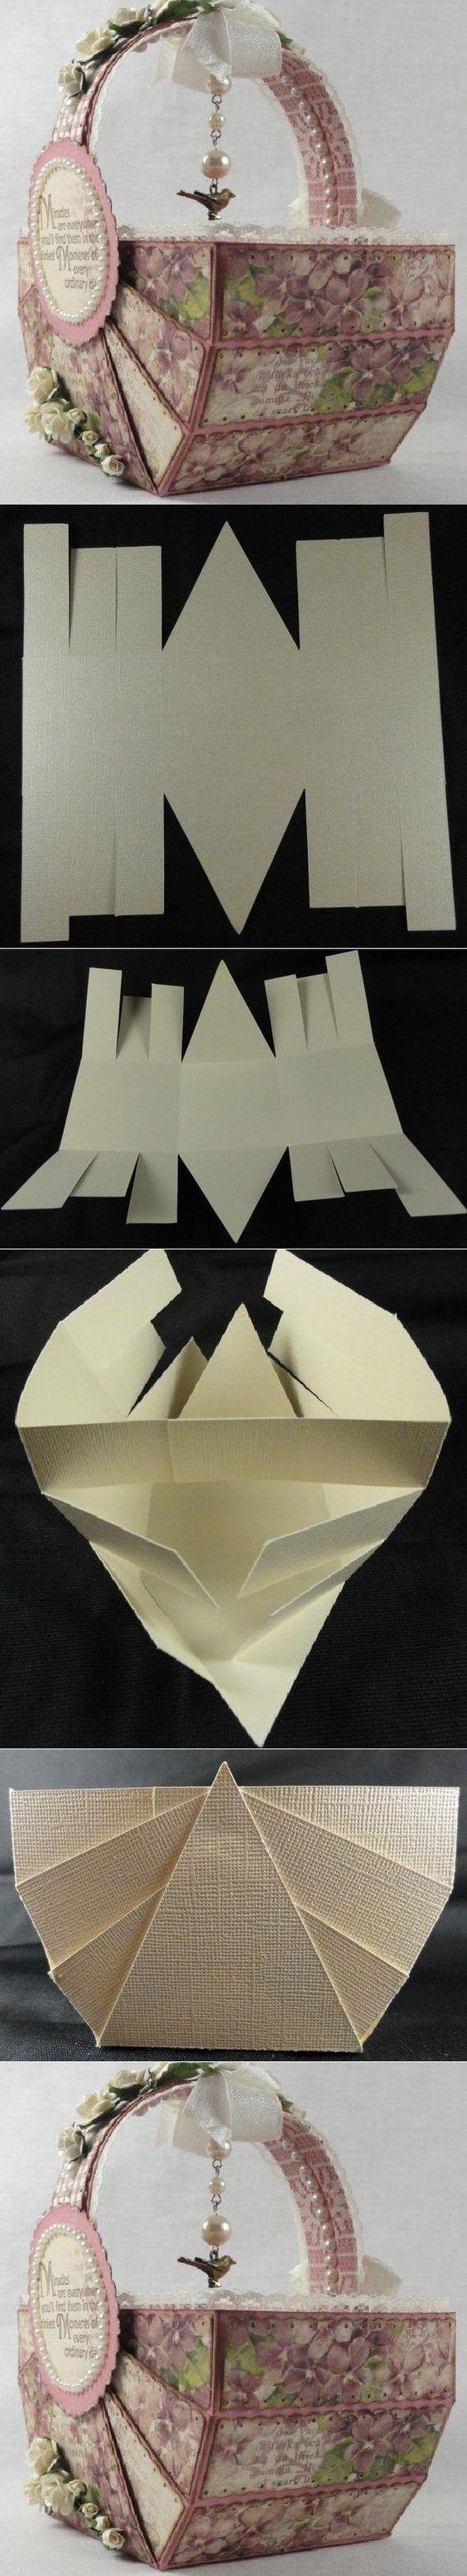 DIY Anleitung für ein Geschenkkörbchen aus Papier. Einfach nur schön.